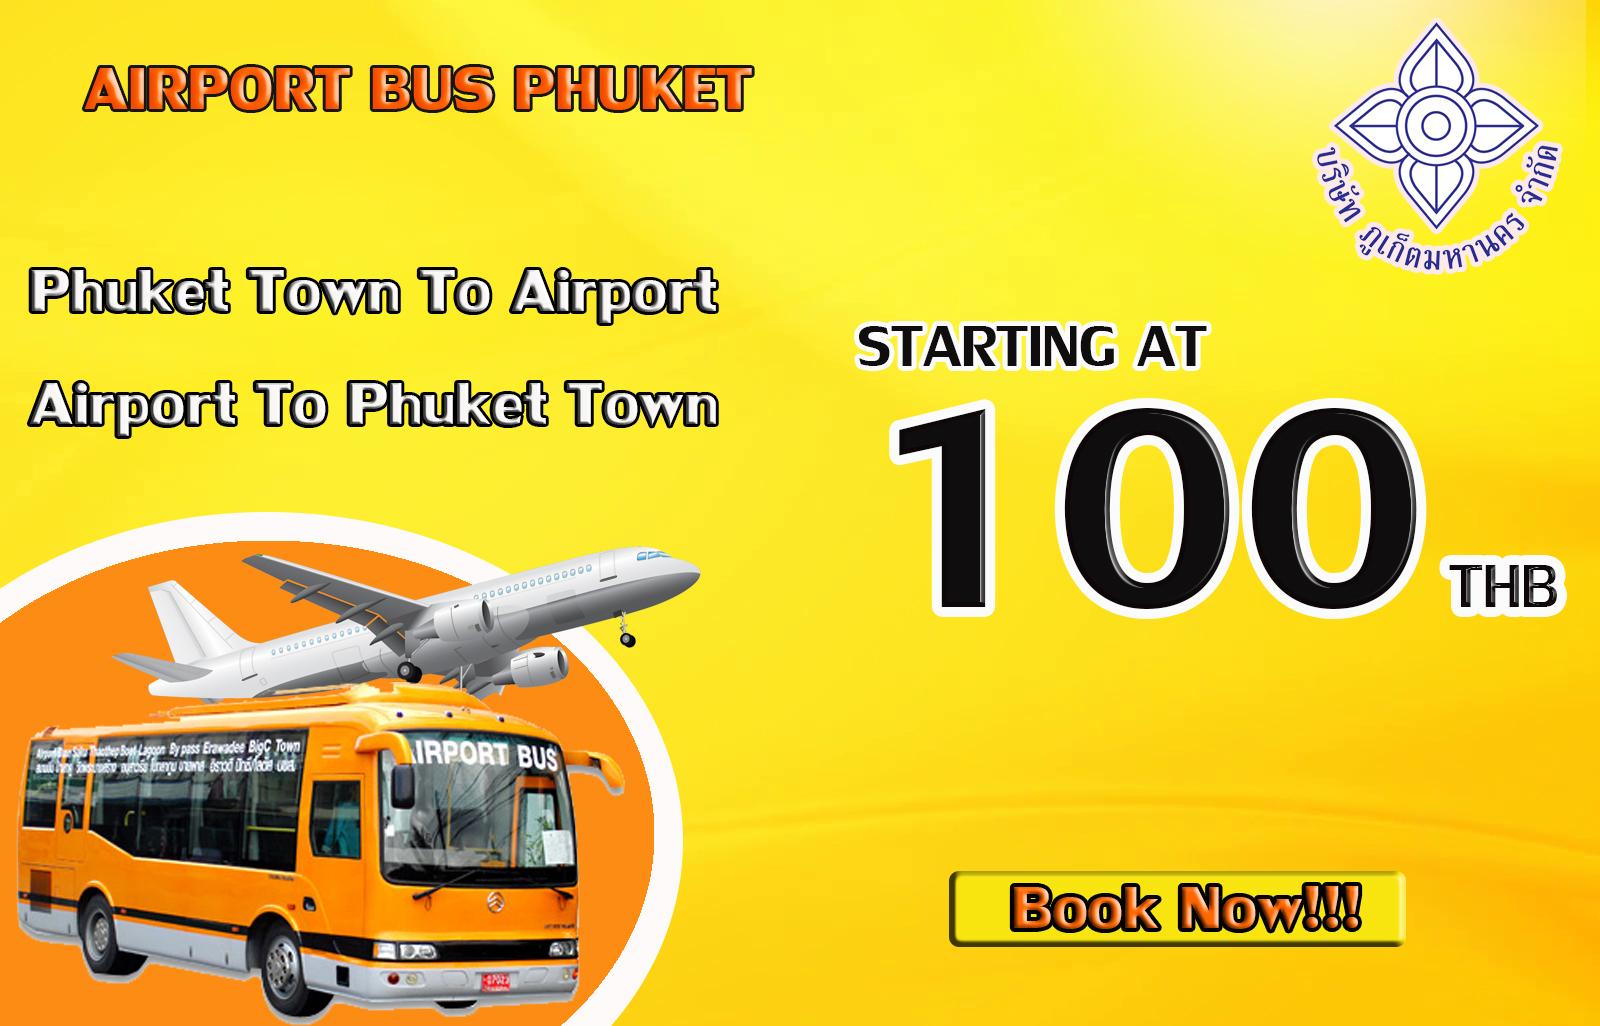 รถบัสสนามบินภูเก็ต